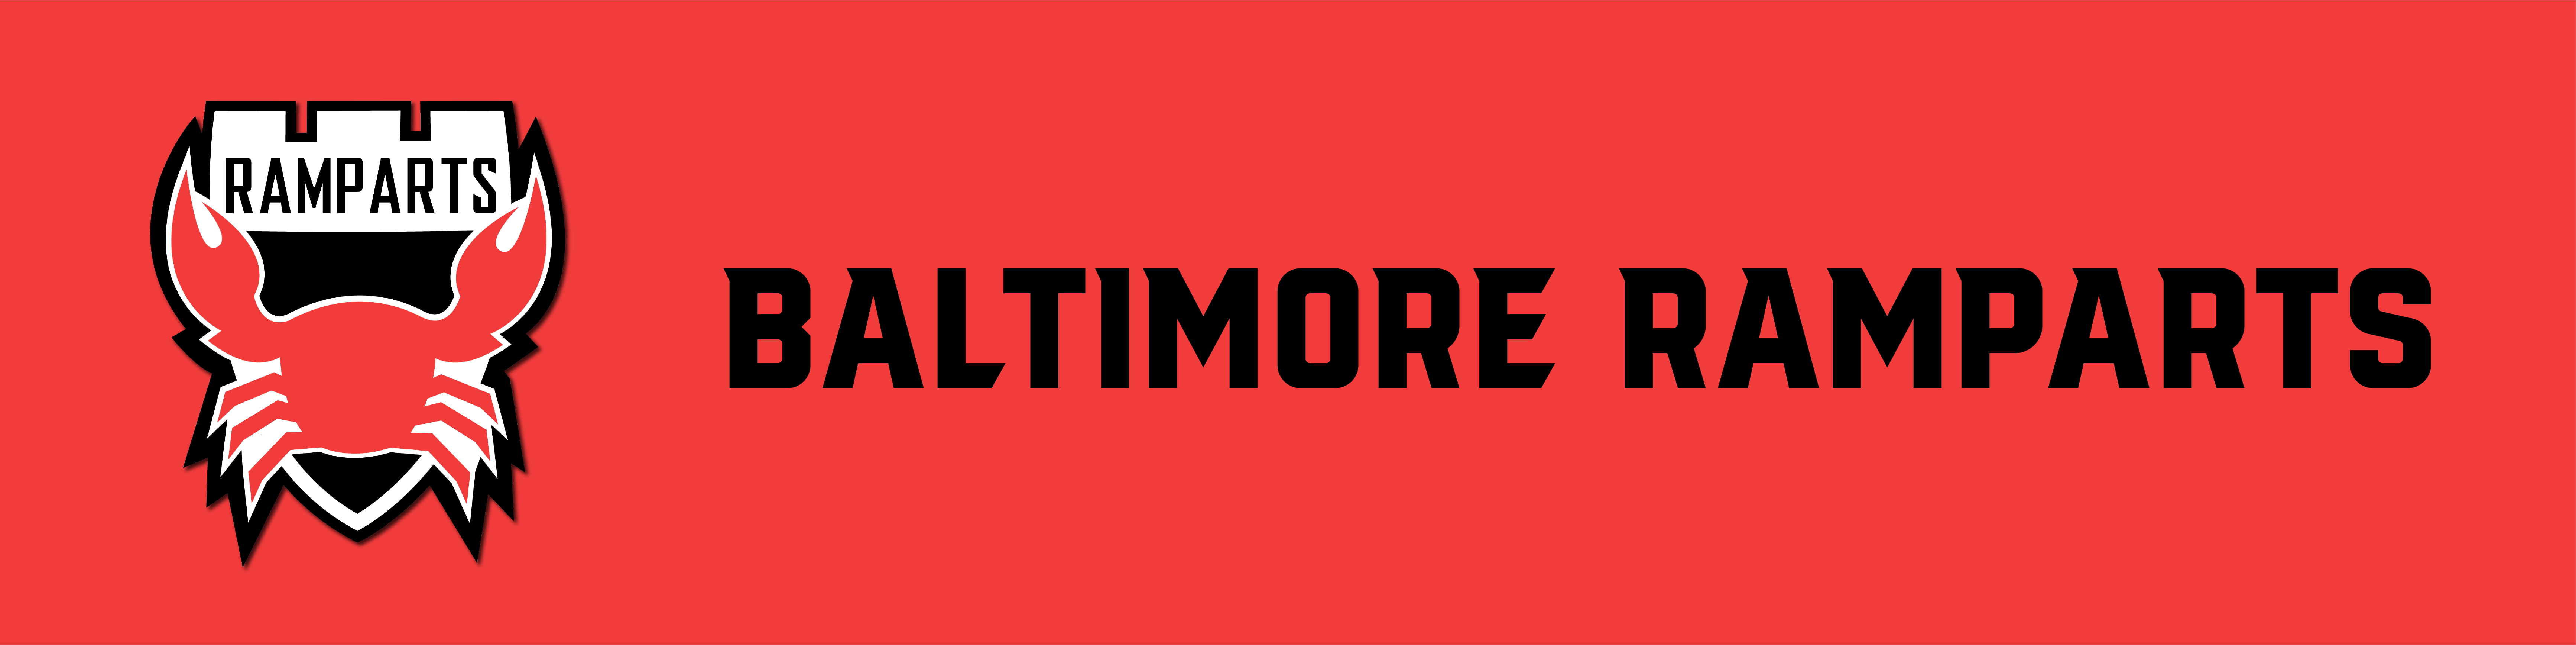 https://i.ibb.co/whsrwsk/Baltimore-Ramparts-APL.png